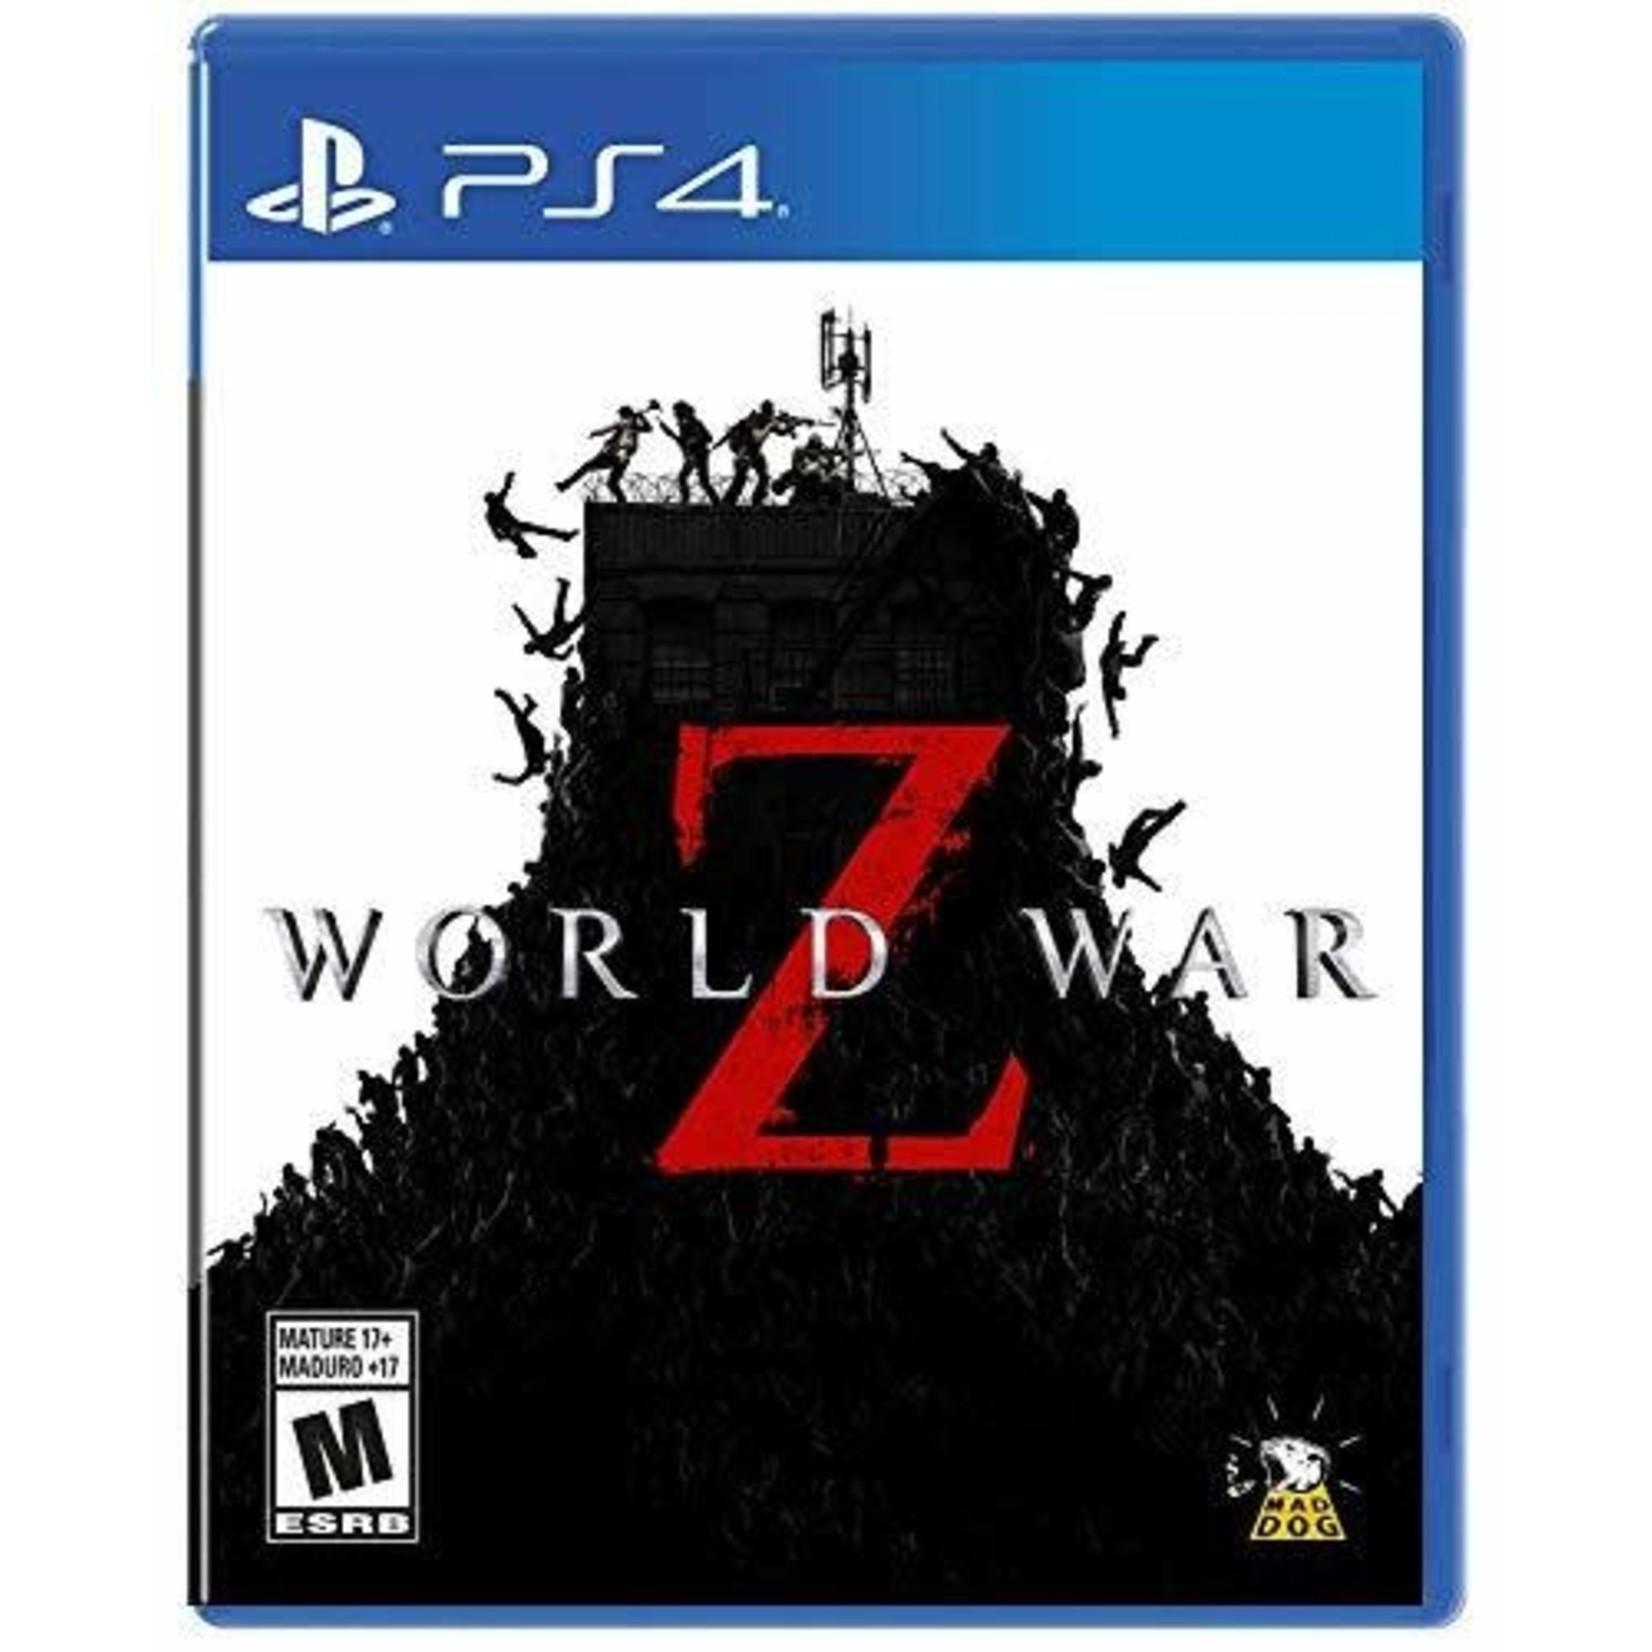 PS4-World War Z